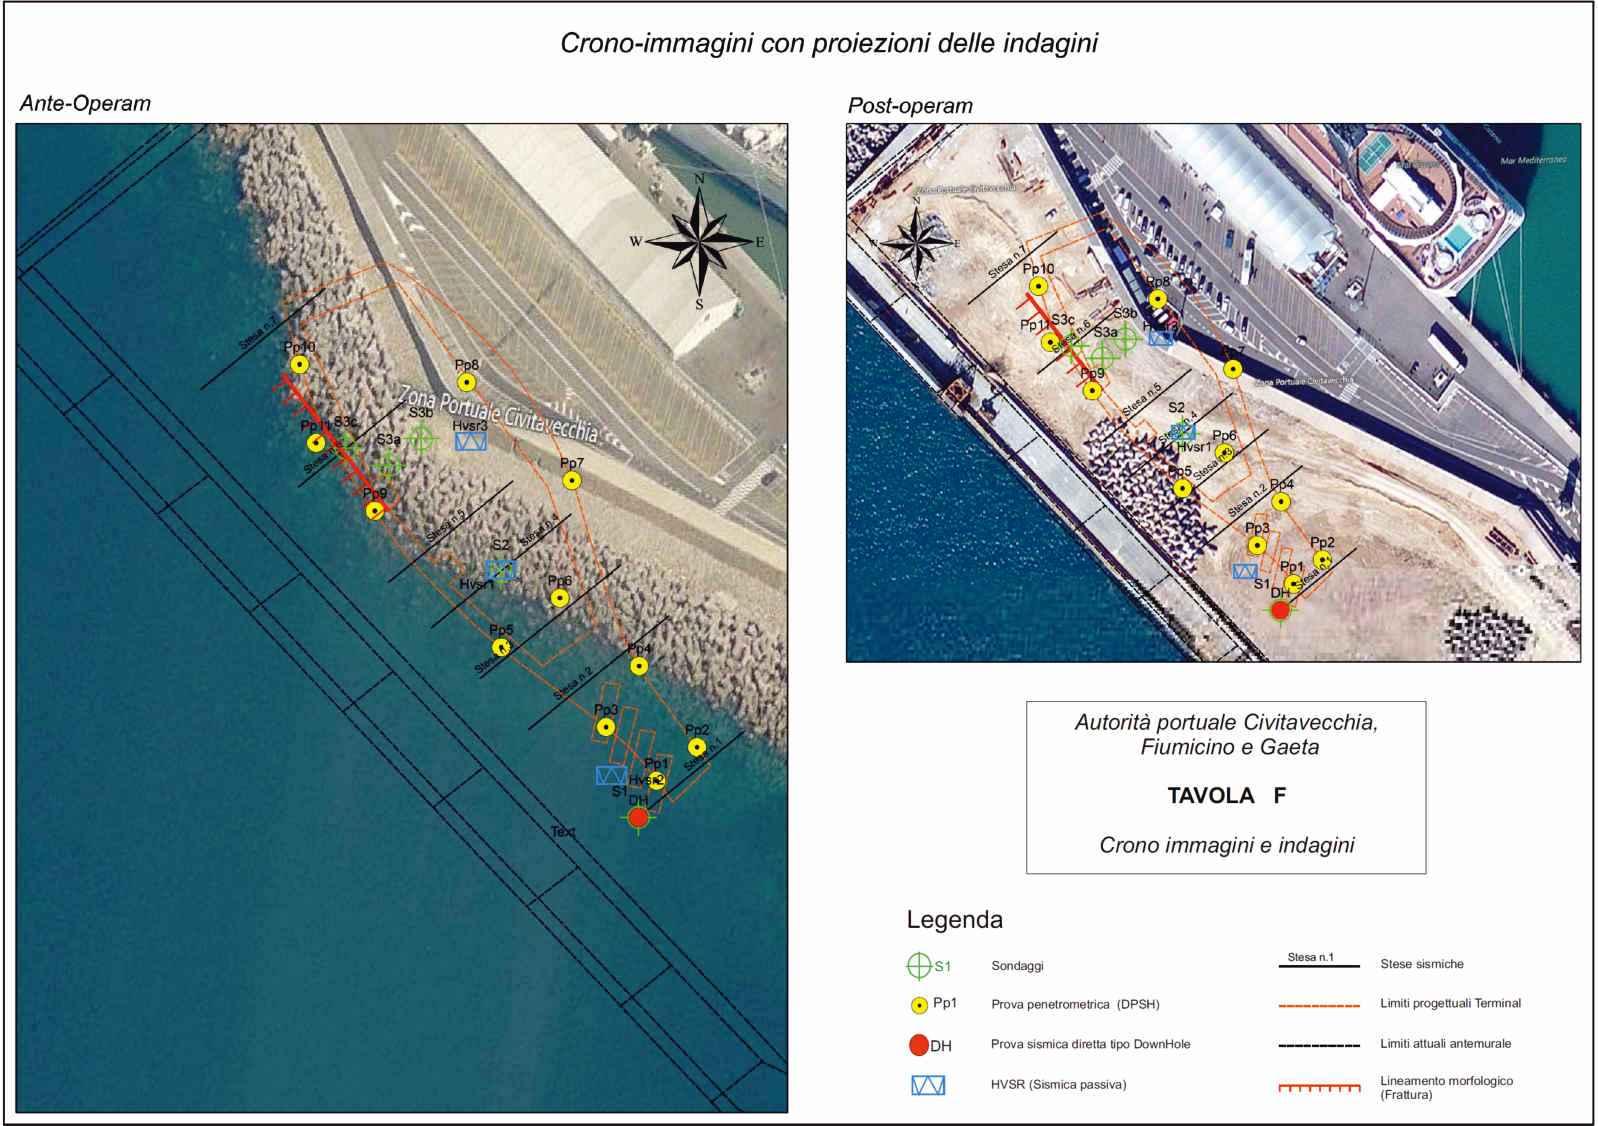 Esempio di restituzione grafica, tavola tecnica di ubicazione indagini in area portuale.